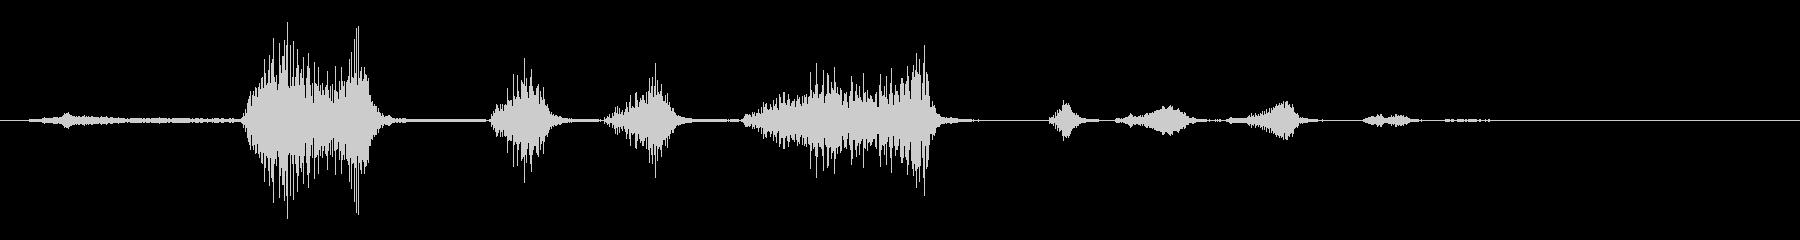 男性:笑い声、人間の笑い声、男性の...の未再生の波形